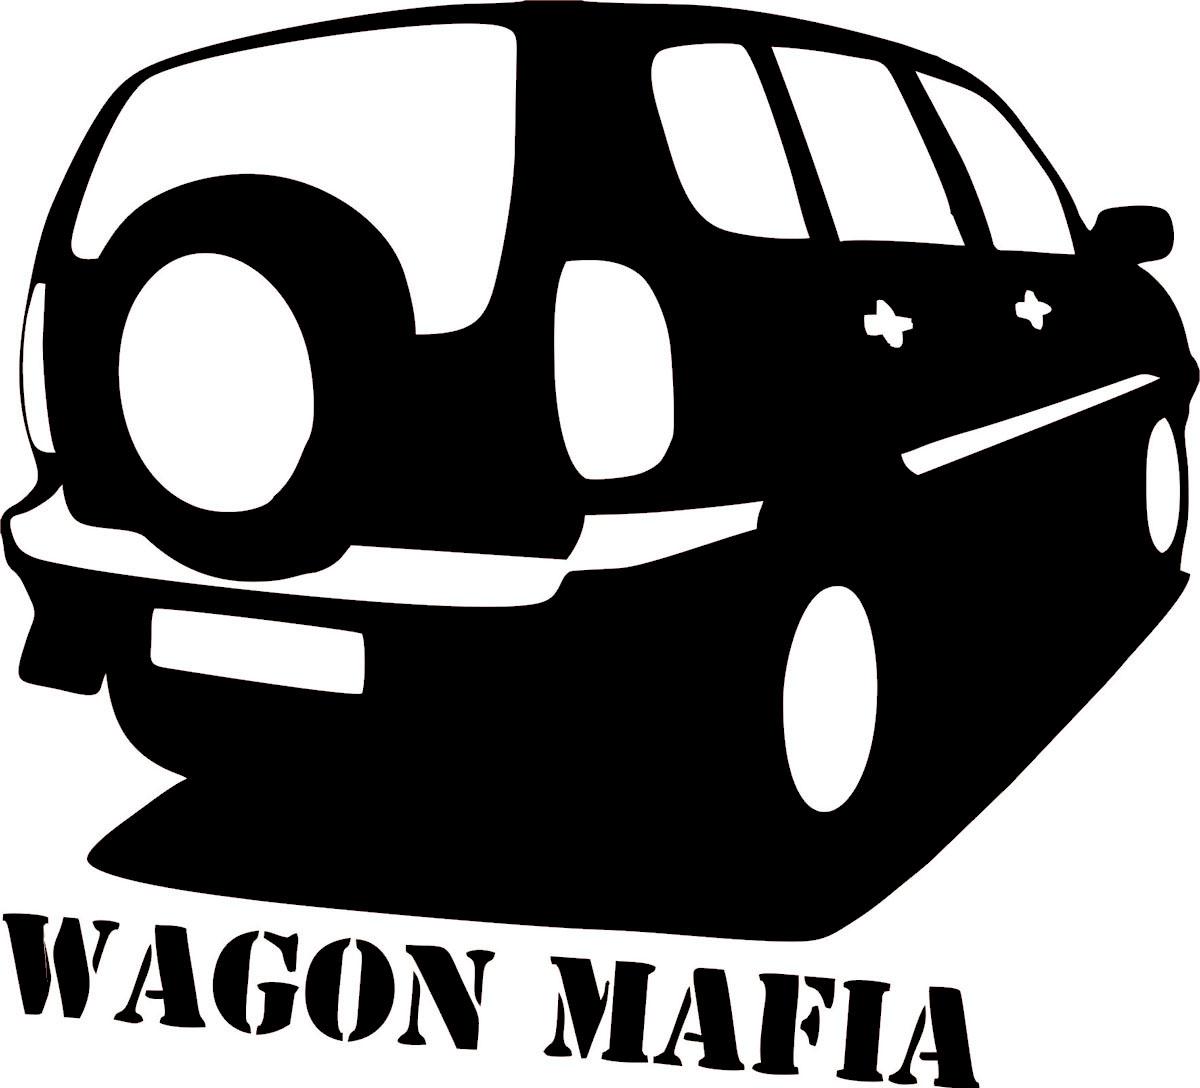 Наклейка автомобильная Оранжевый слоник Wagon Mafia 1, виниловая, цвет: черныйCA-3505Оригинальная наклейка Оранжевый слоник Wagon Mafia 1 изготовлена из высококачественной виниловой пленки, которая выполняет не только декоративную функцию, но и защищает кузов автомобиля от небольших механических повреждений, либо скрывает уже существующие.Виниловые наклейки на автомобиль - это не только красиво, но еще и быстро! Всего за несколько минут вы можете полностью преобразить свой автомобиль, сделать его ярким, необычным, особенным и неповторимым!